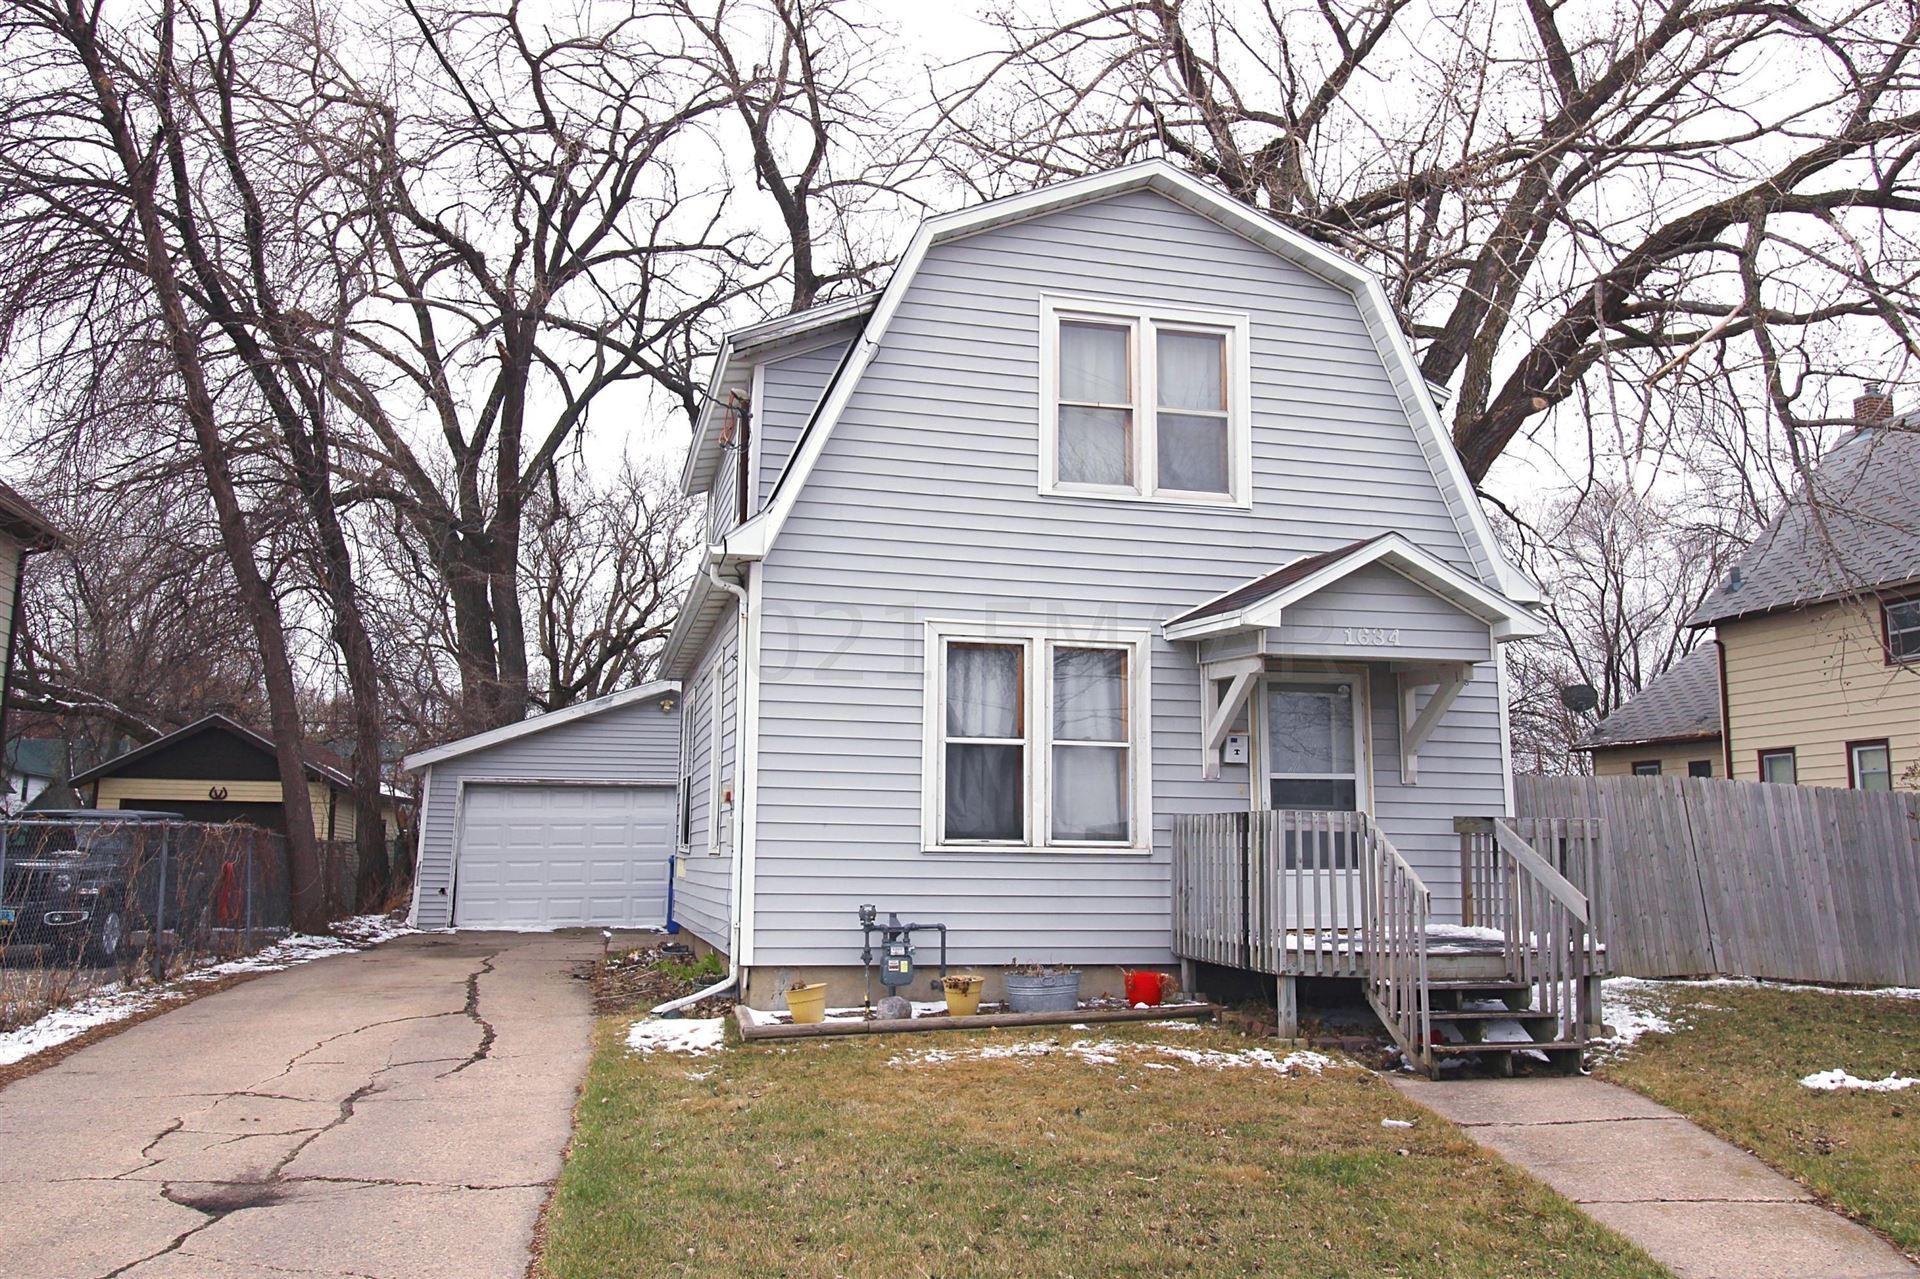 1634 1 Avenue S, Fargo, ND 58103 - #: 21-1935